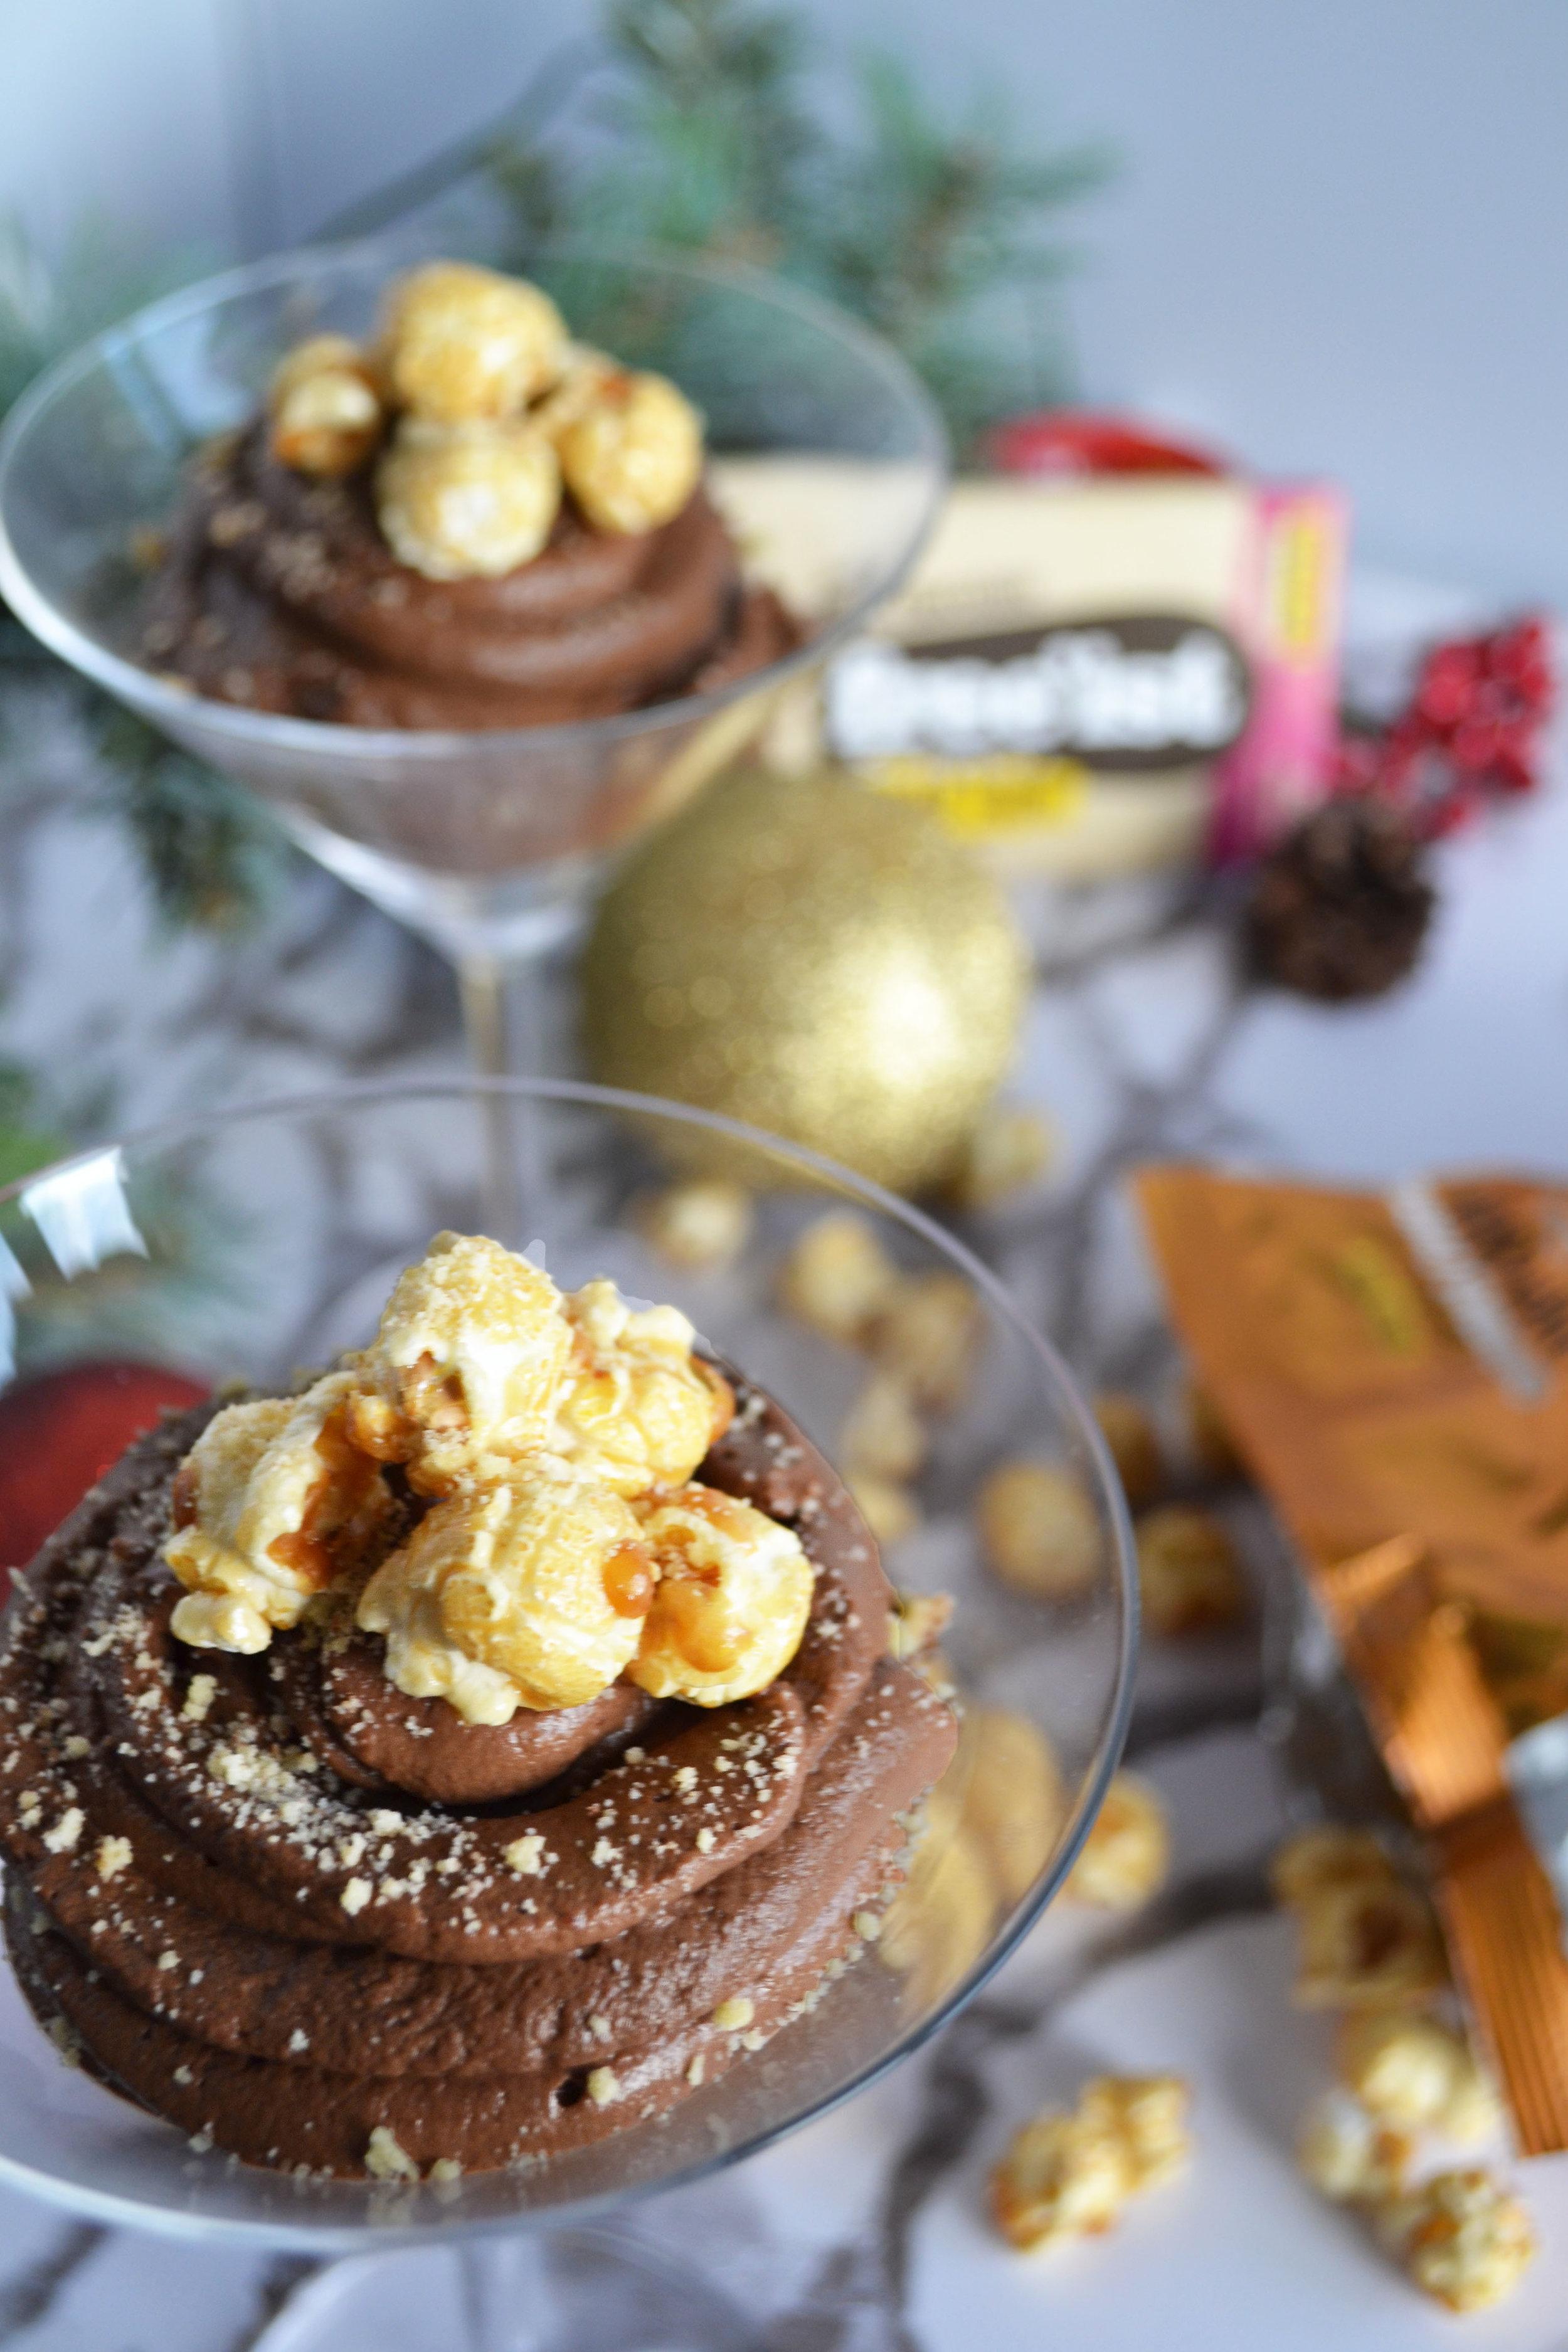 Chocolat avocado mousse | The Flourishing Pantry